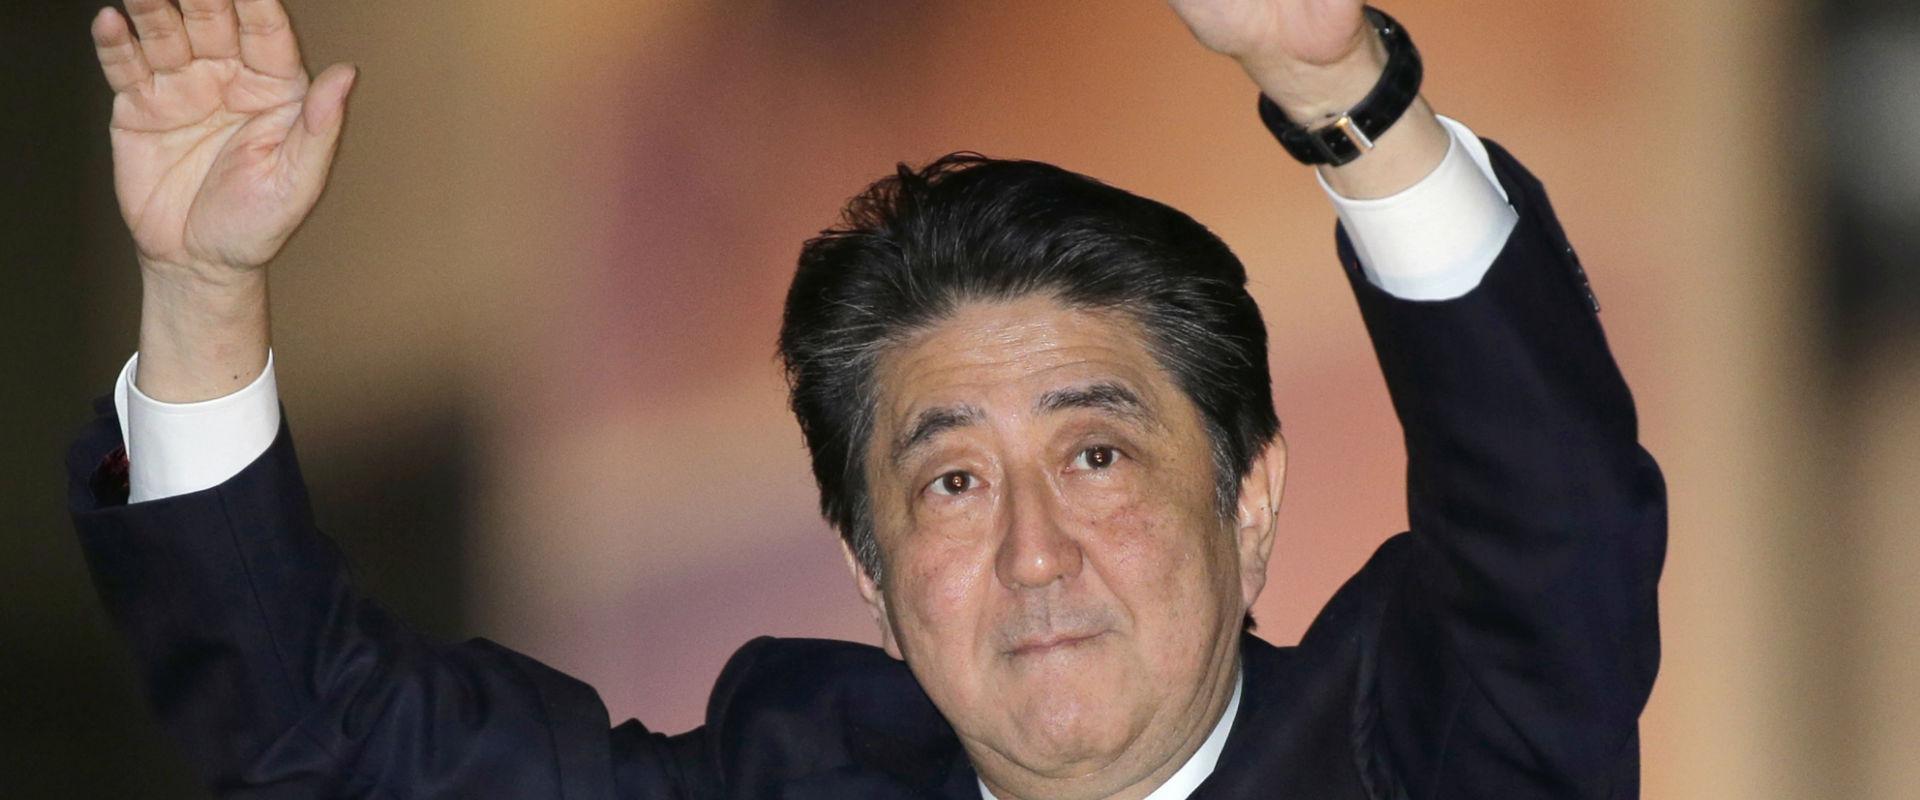 ראש ממשלת יפן, שינזו אבה